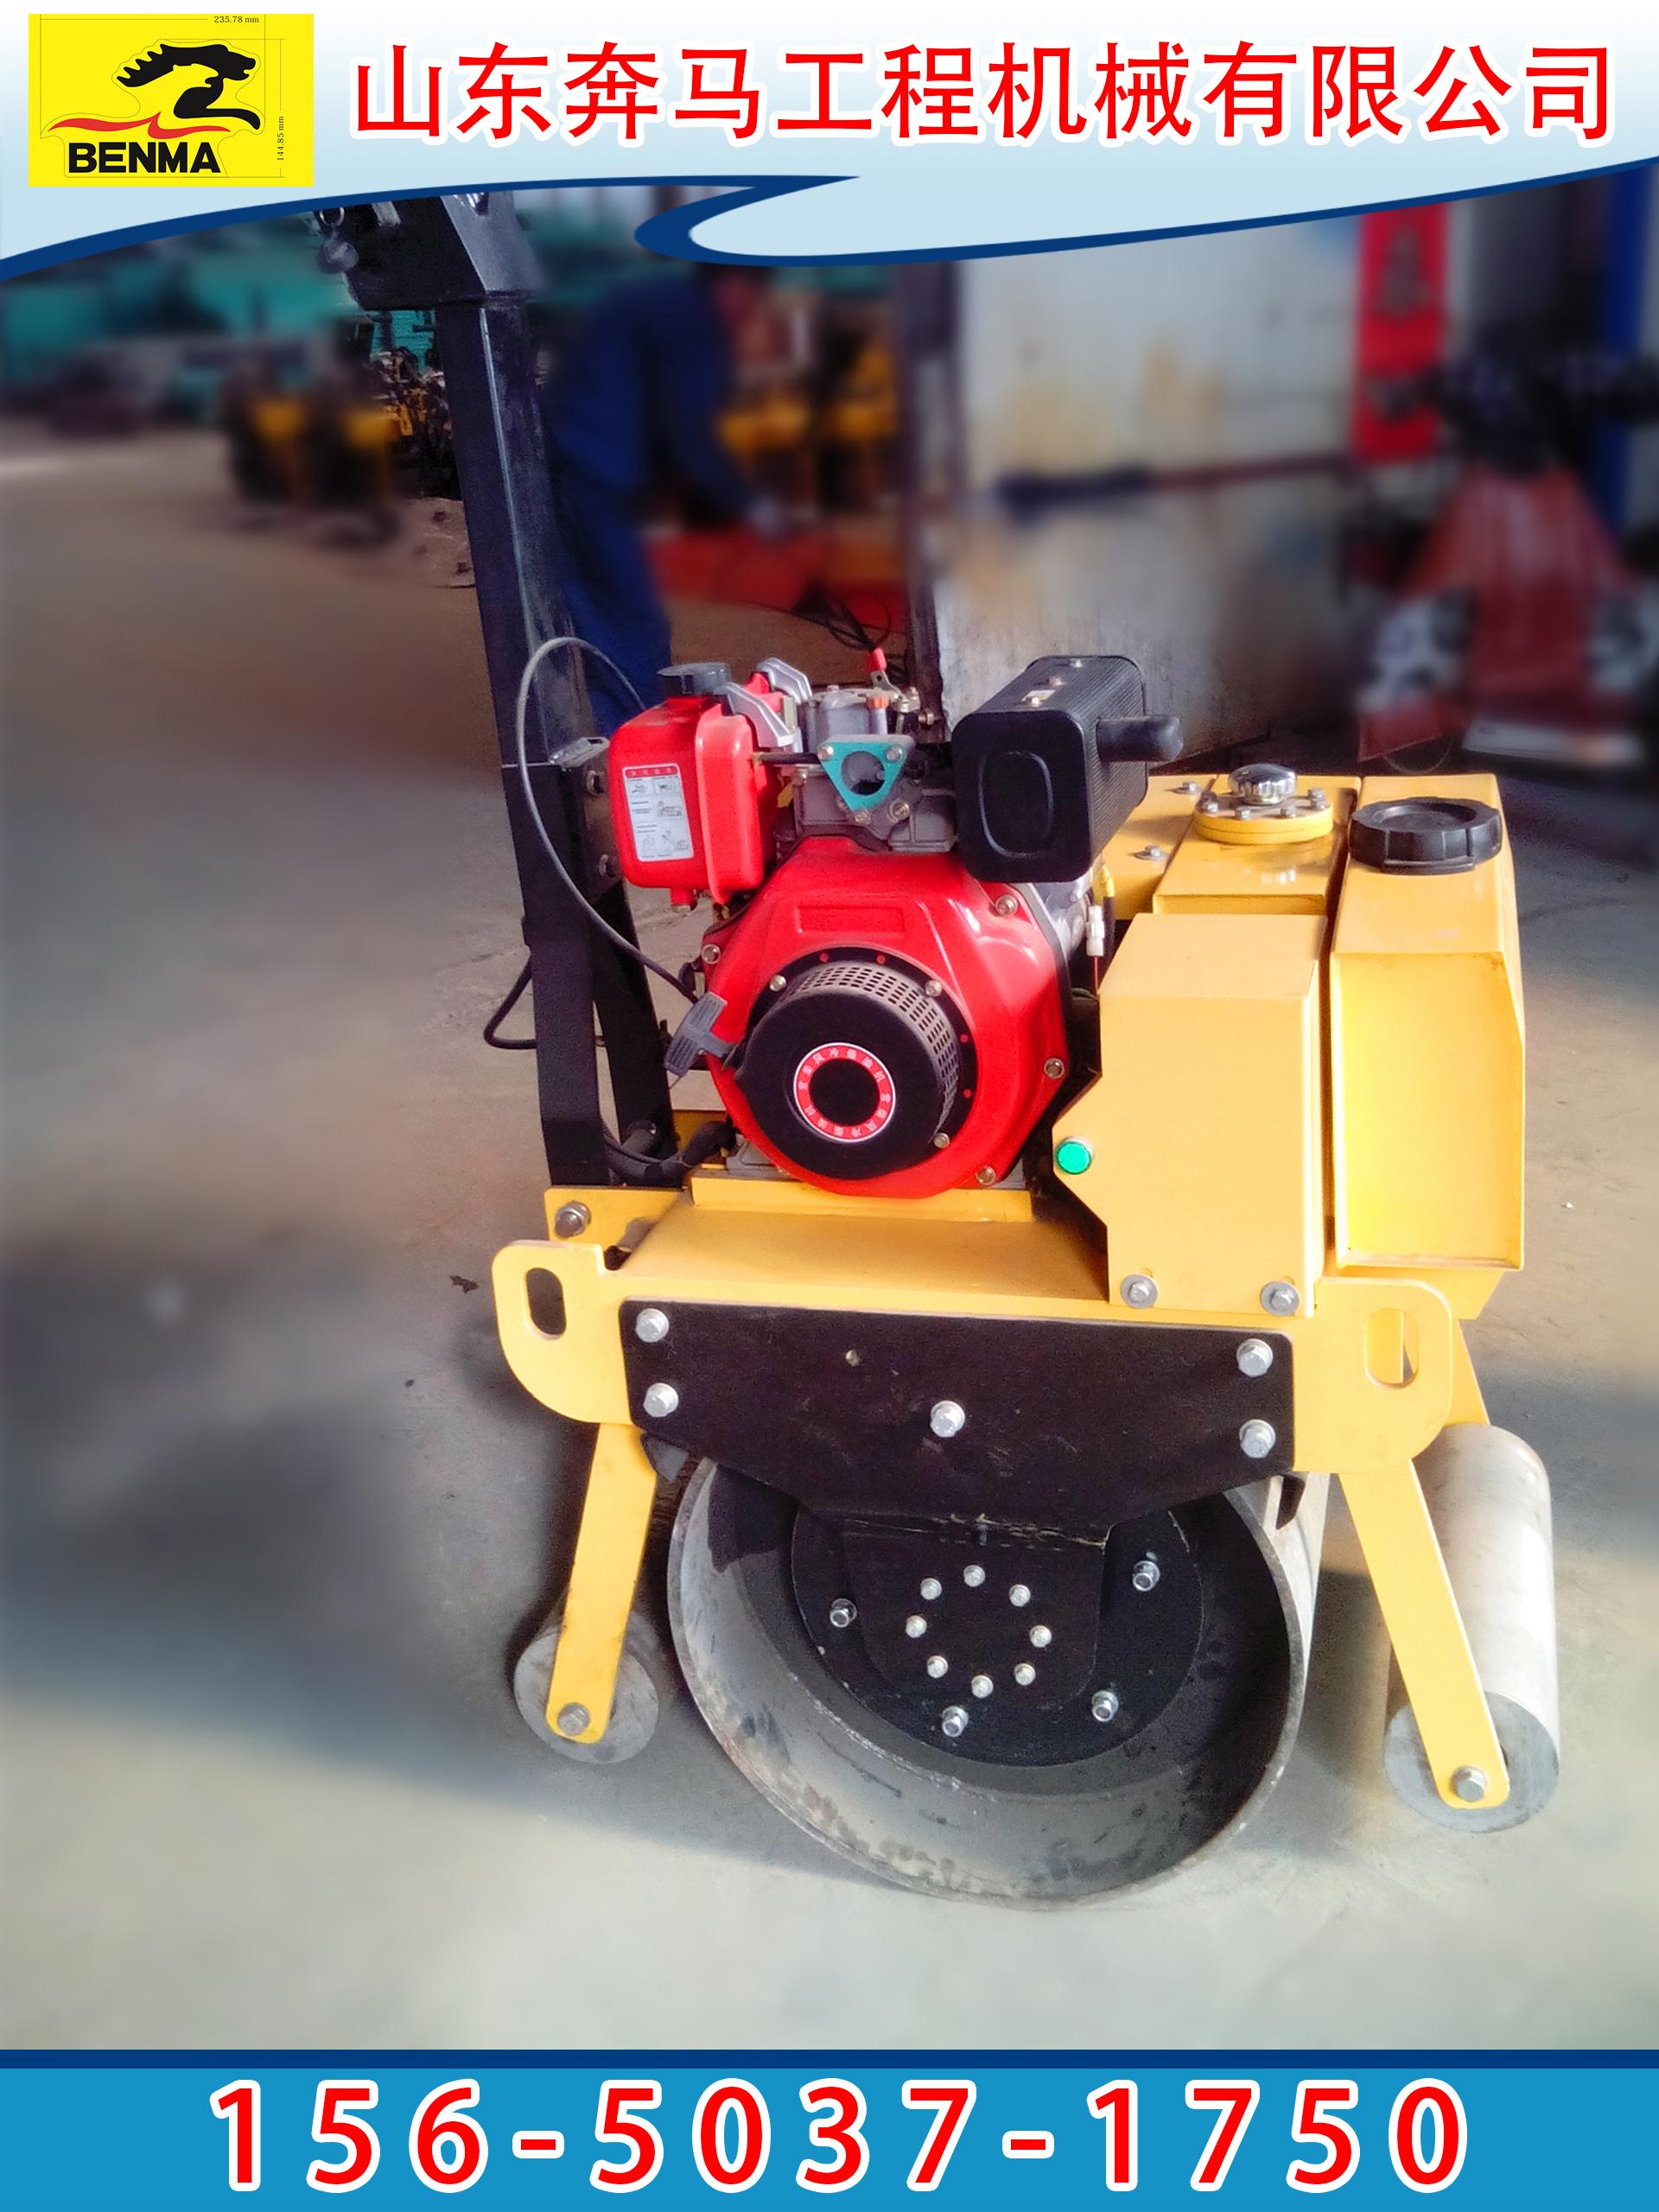 供应用于压实机械的九月特惠热卖小型振动碾 手扶单轮